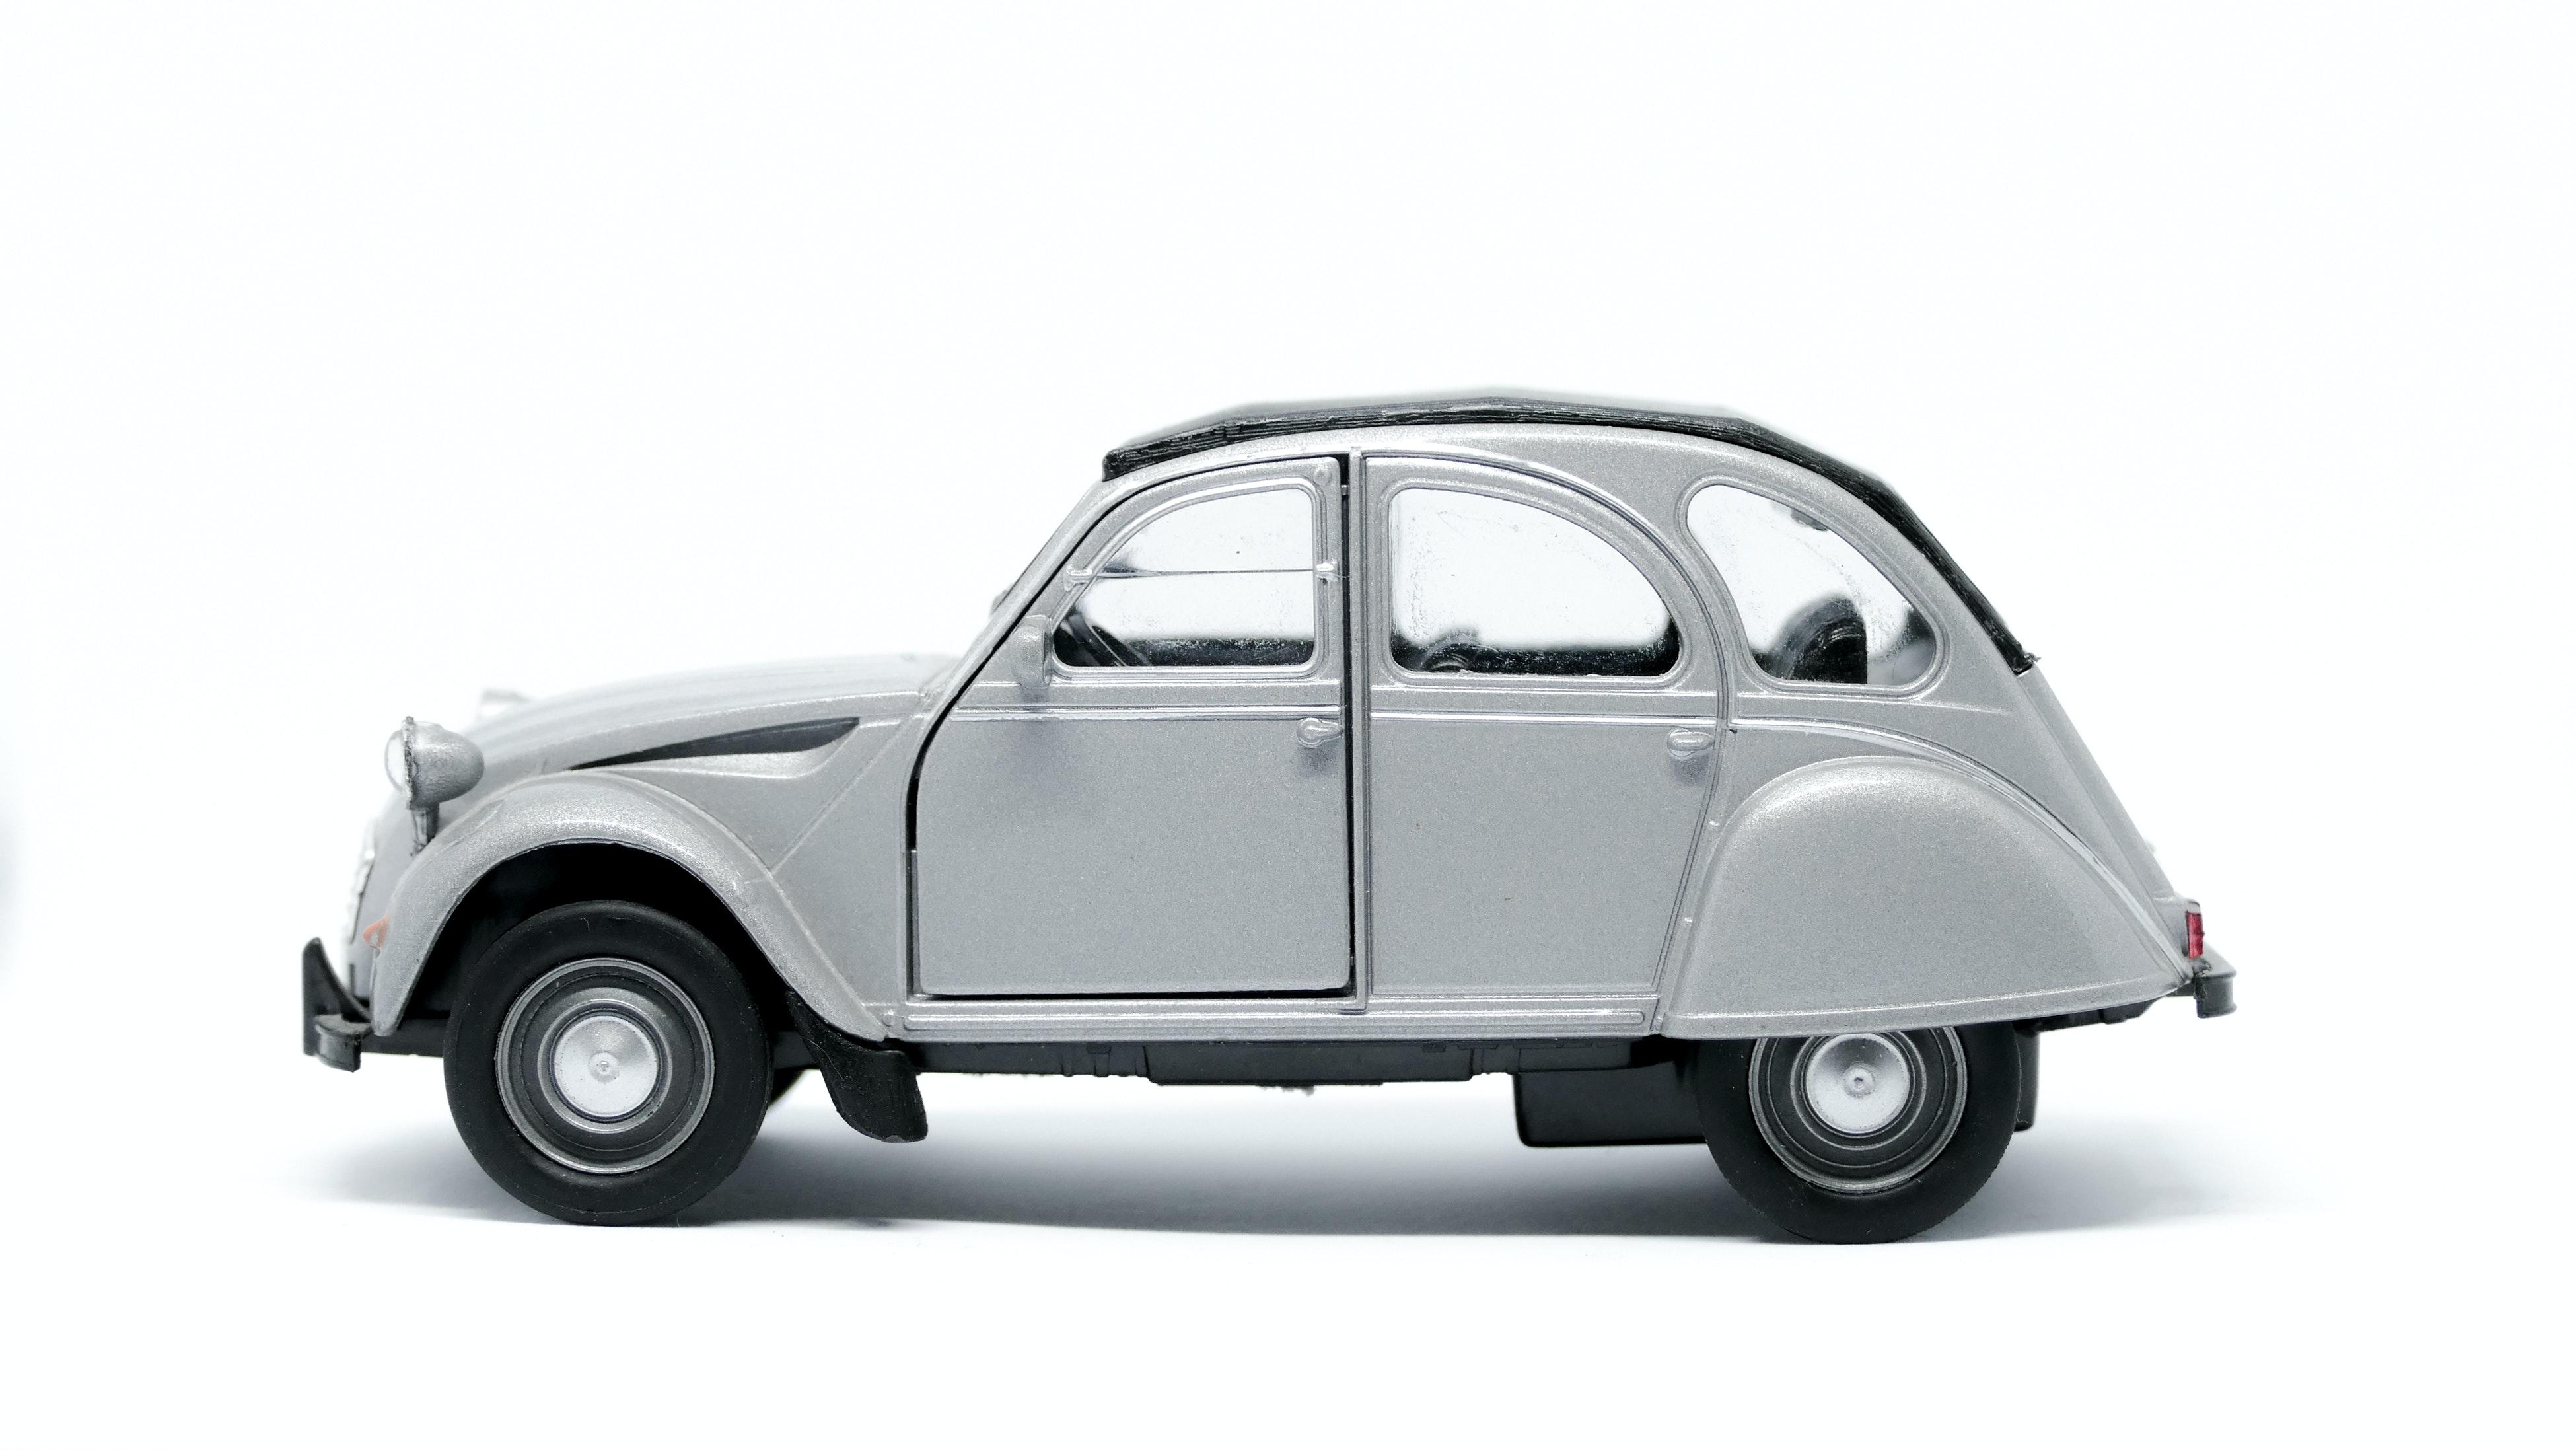 Foto Stok Gratis Tentang Citroen Membuat Sketsa Model Mobil